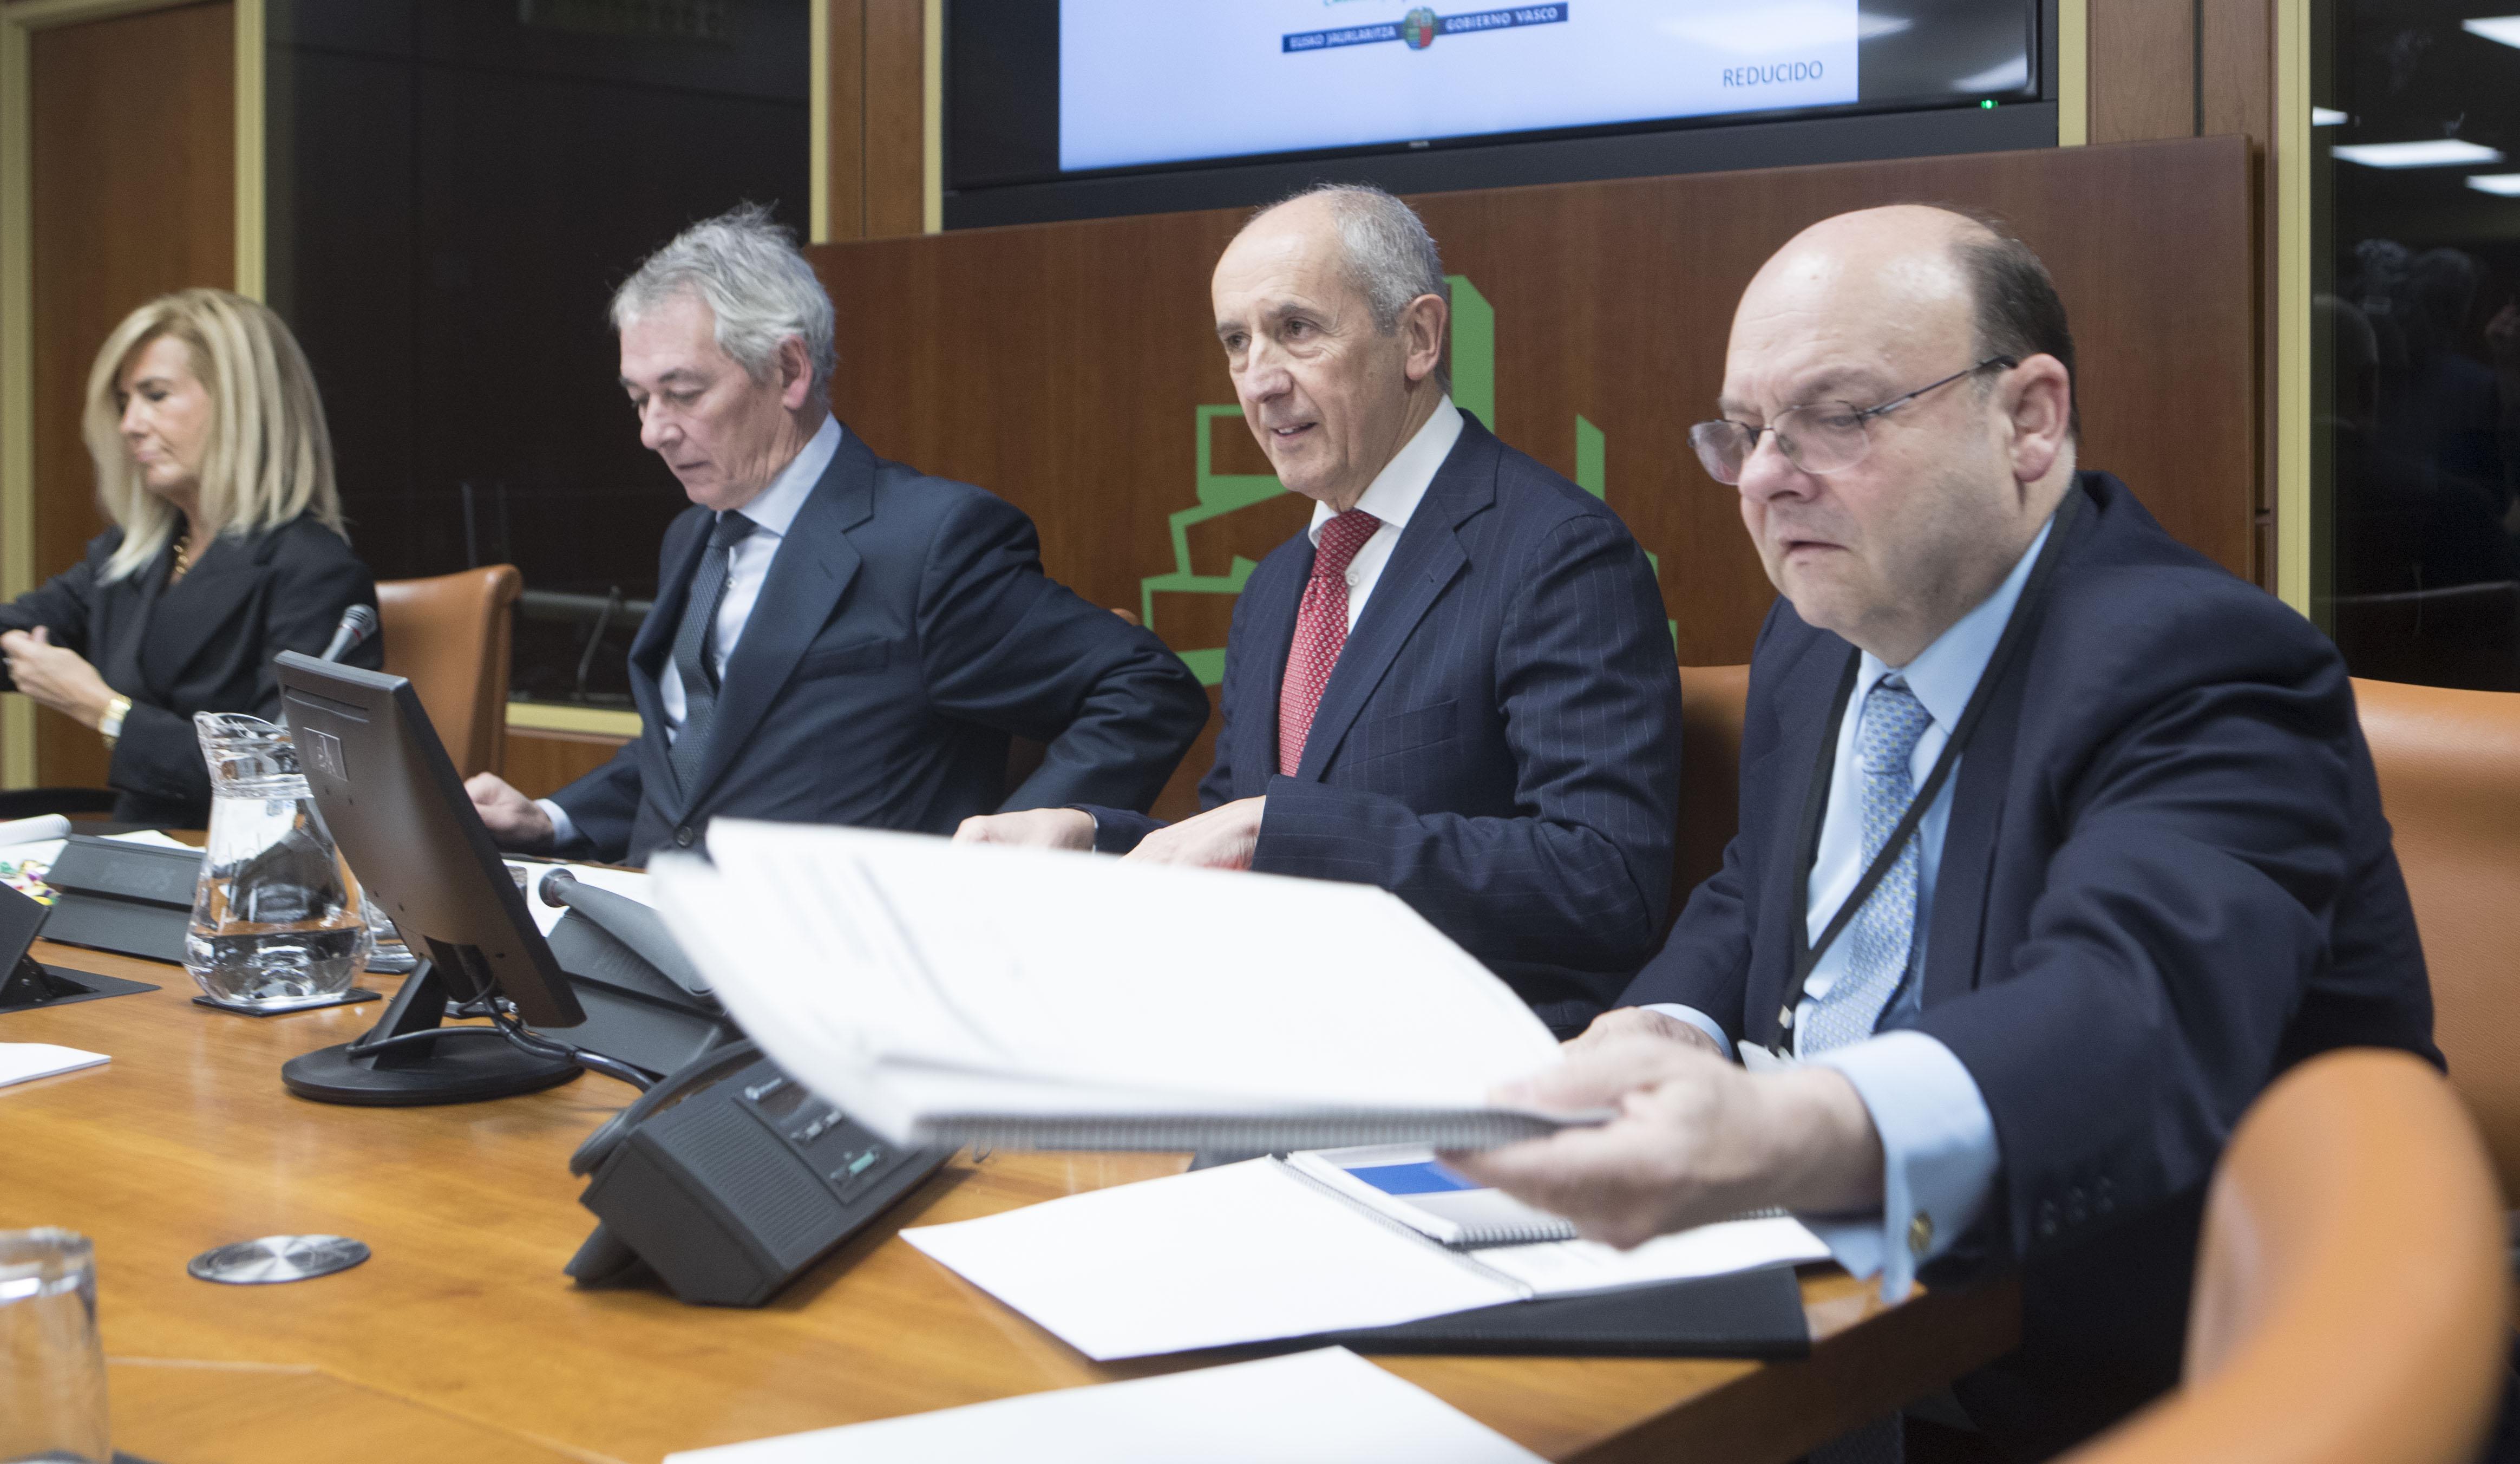 Gobernantza Publiko eta Autogobernu Sailak, 2020an, 121 milioi euroko aurrekontu kontinuista izango du